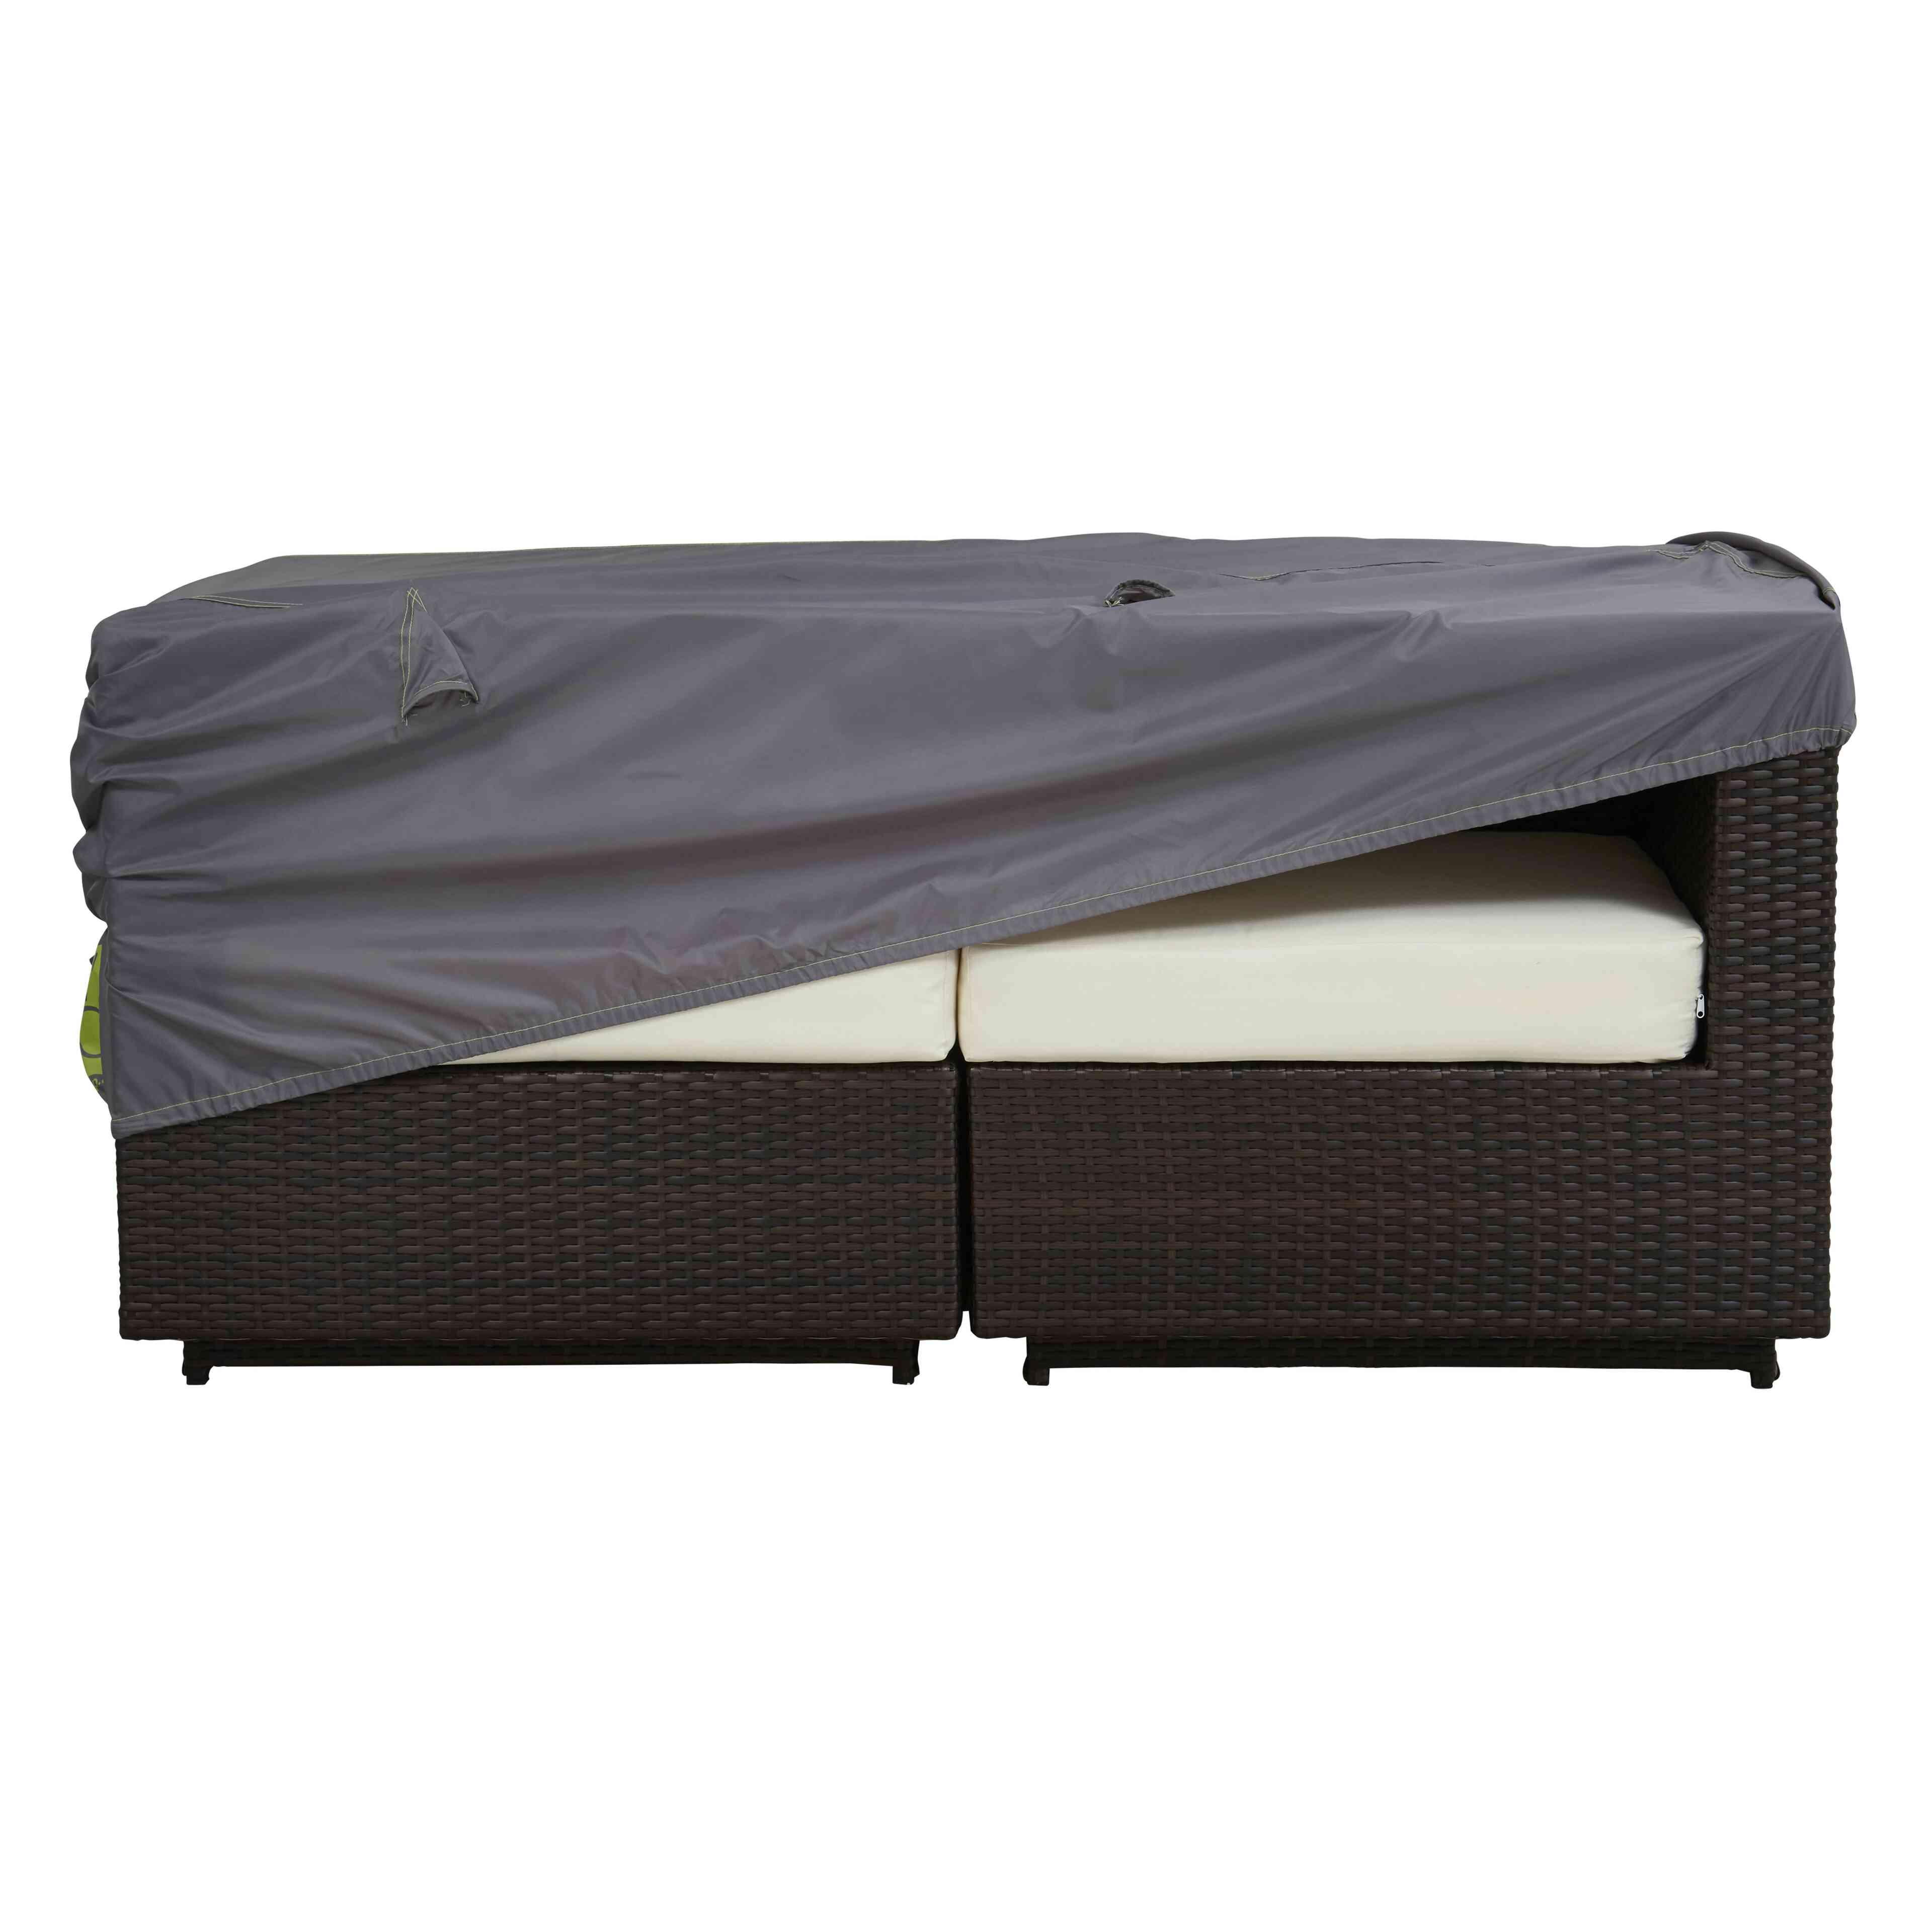 housse pour salon de jardin bas cov 39 up. Black Bedroom Furniture Sets. Home Design Ideas